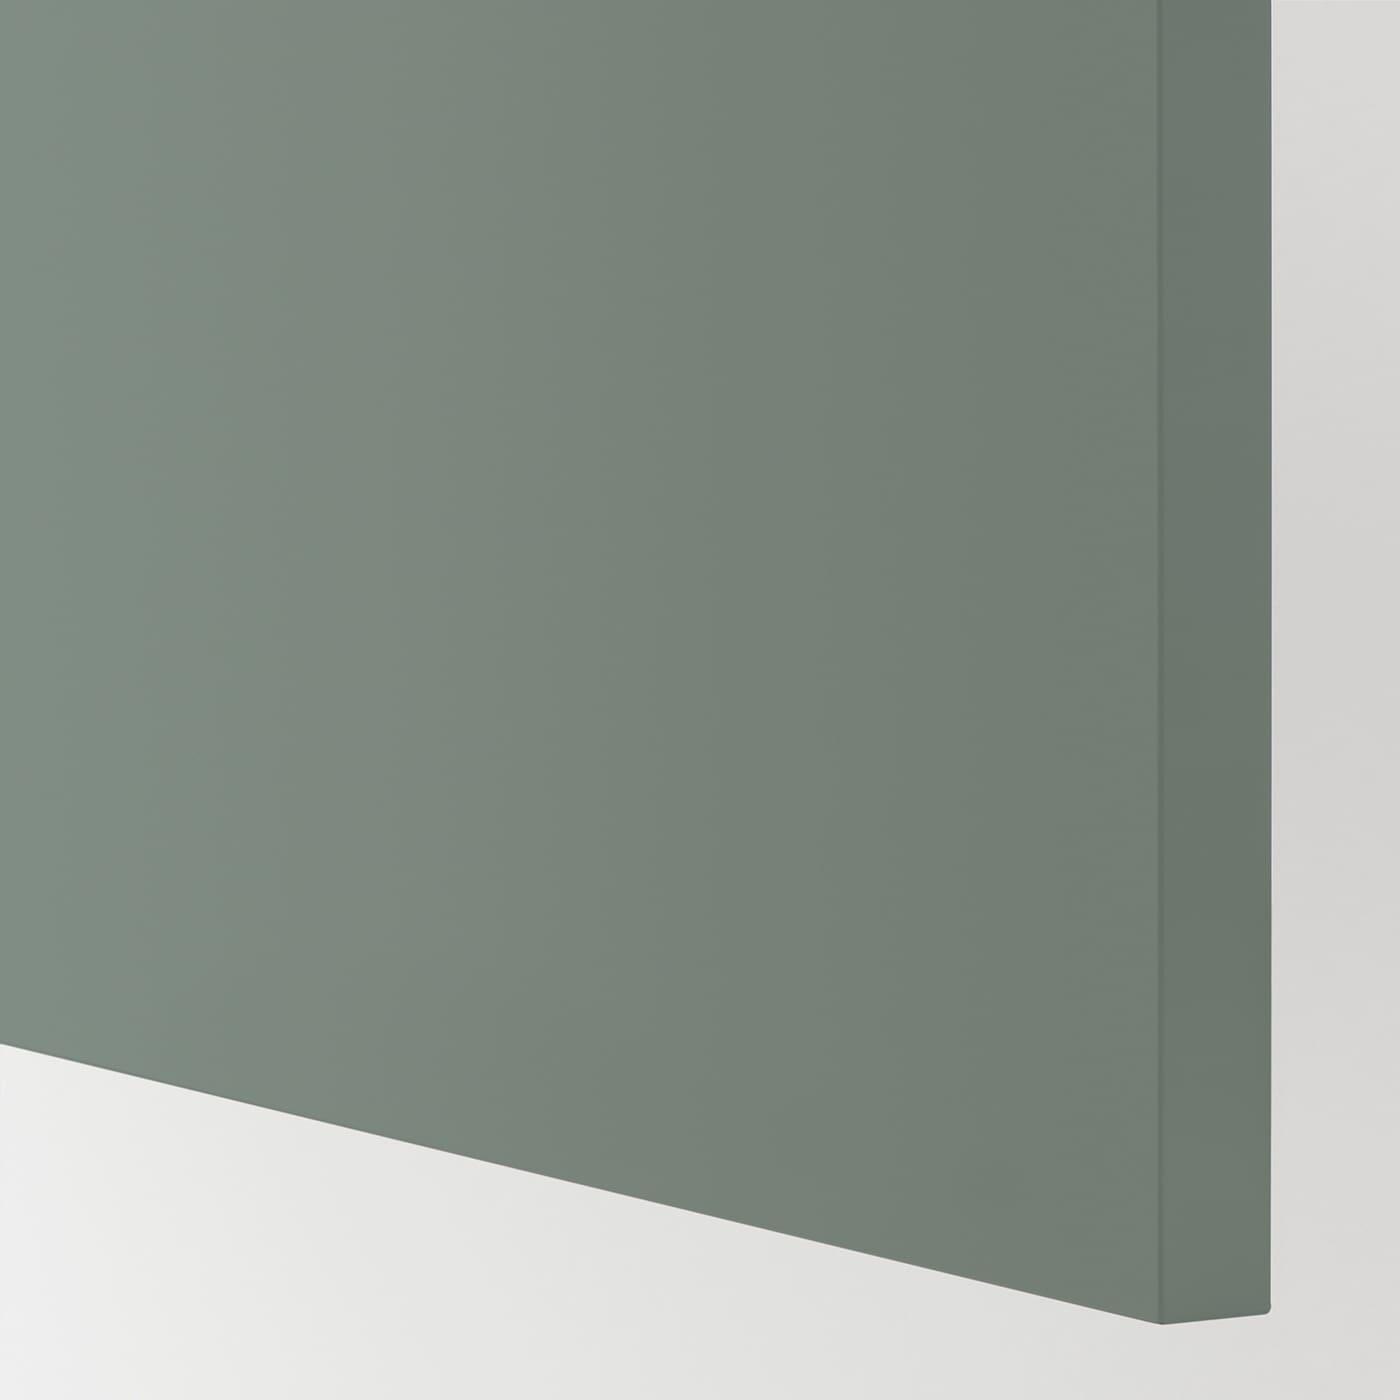 BODARP Fronta za perilicu posuđa, sivo-zelena, 45x80 cm